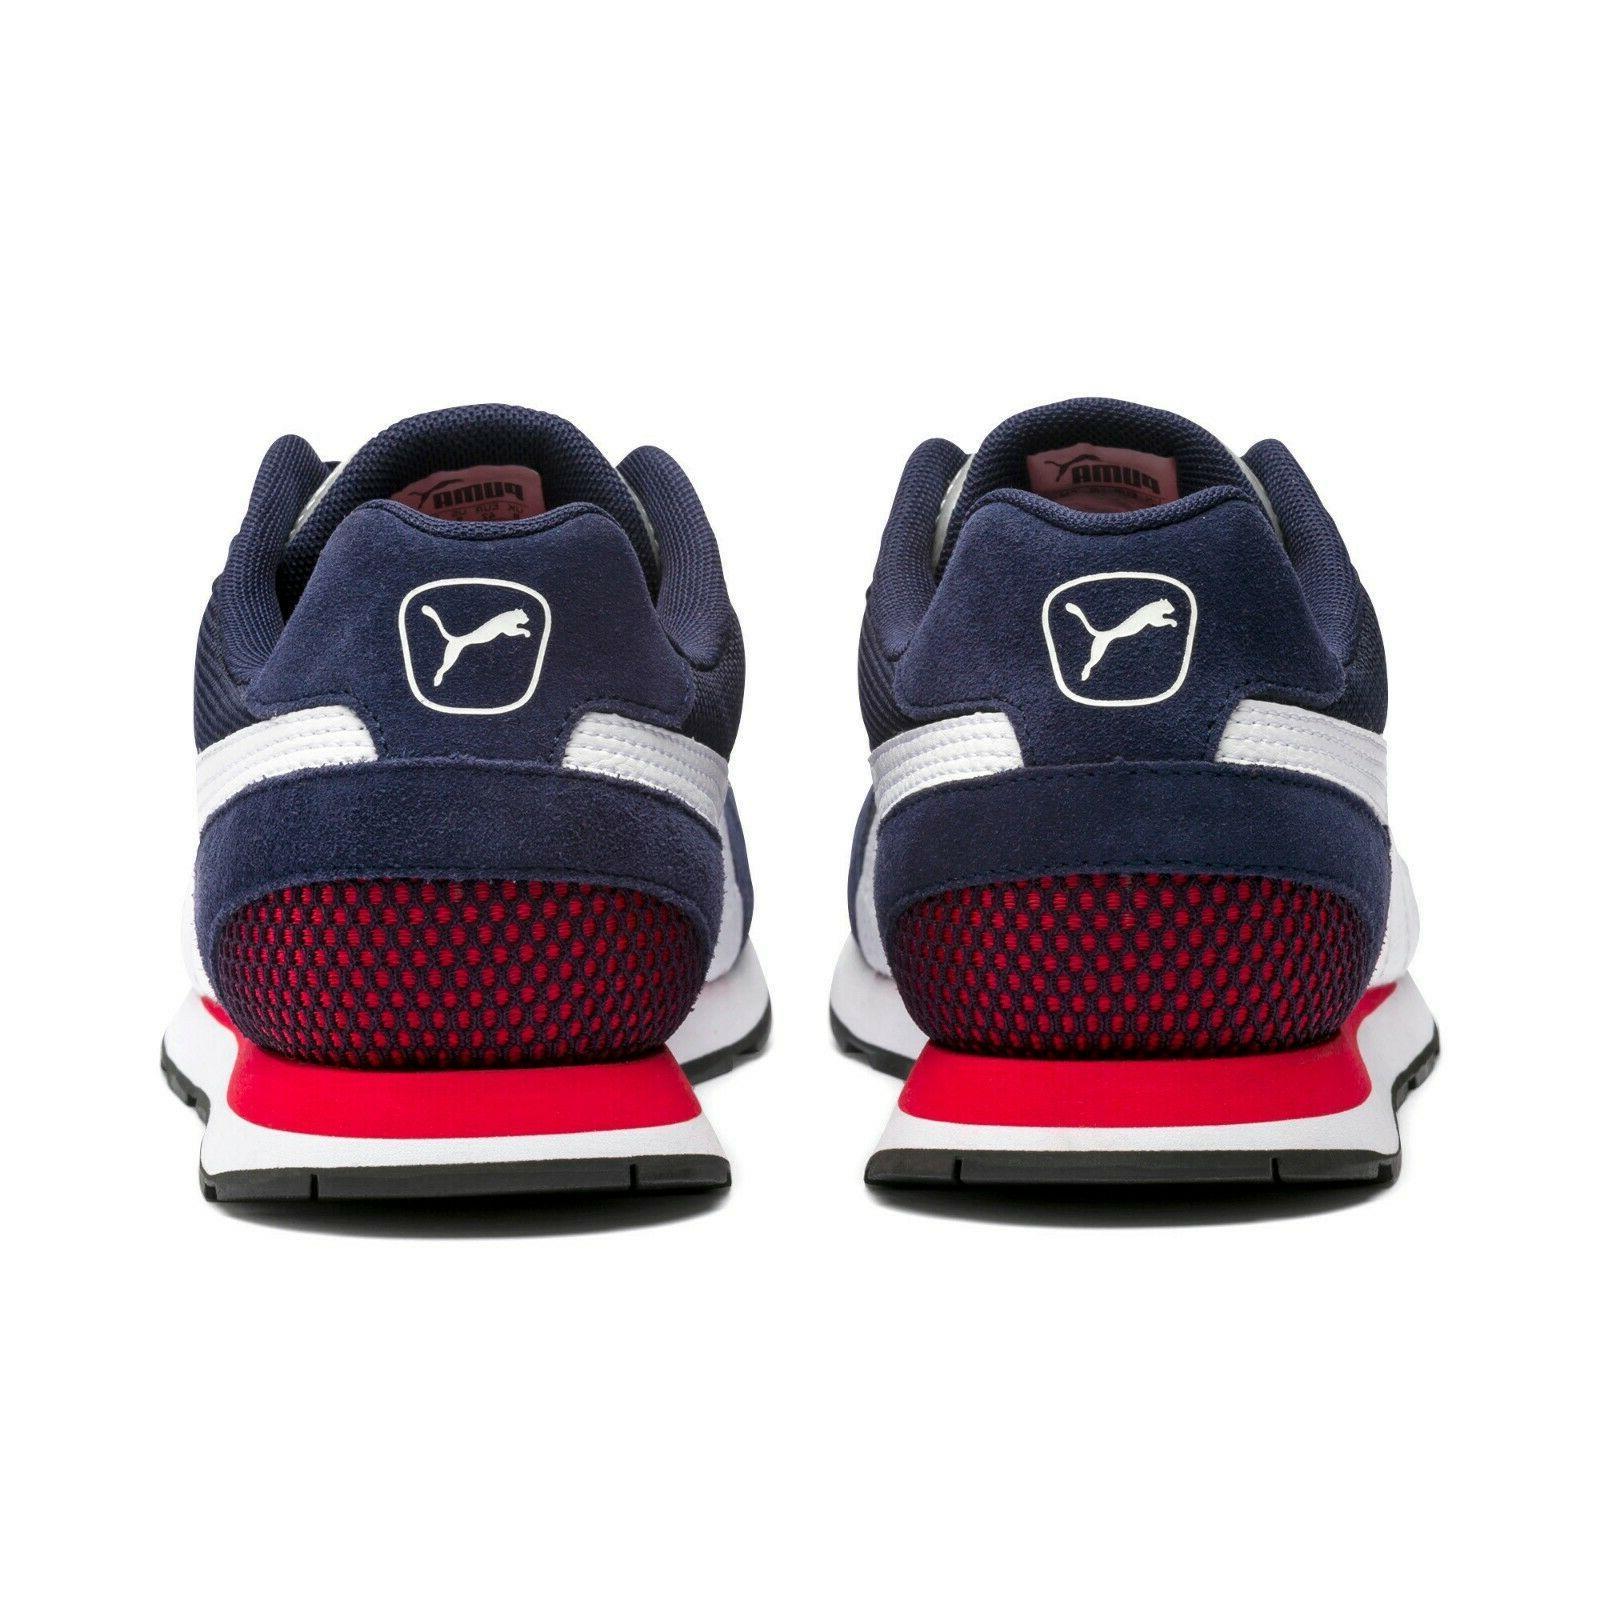 Puma Vista Size 11 Brand